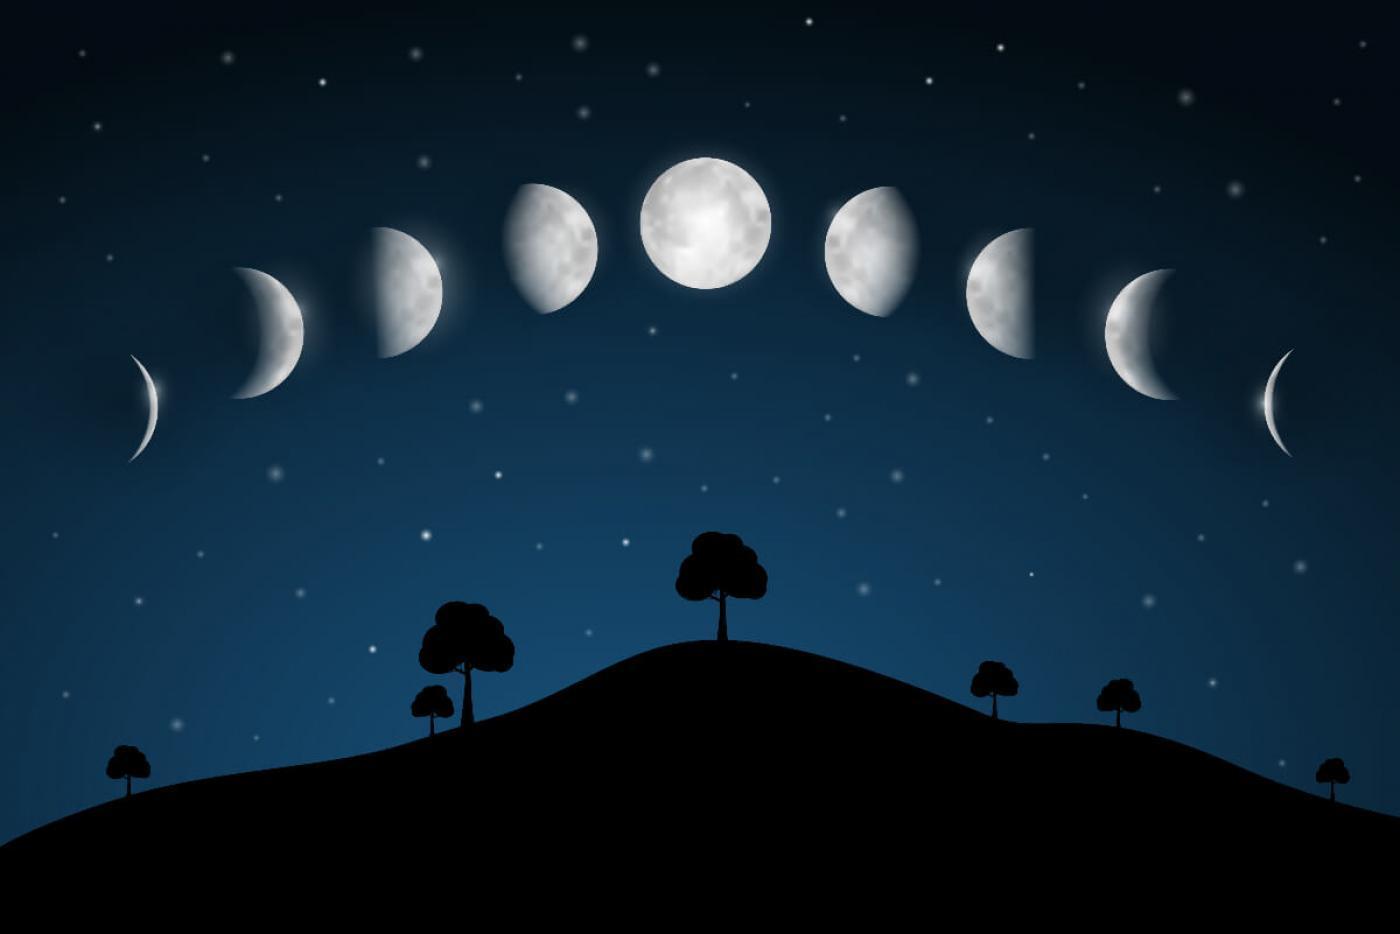 A Hold minden jegyben másként hat ránk